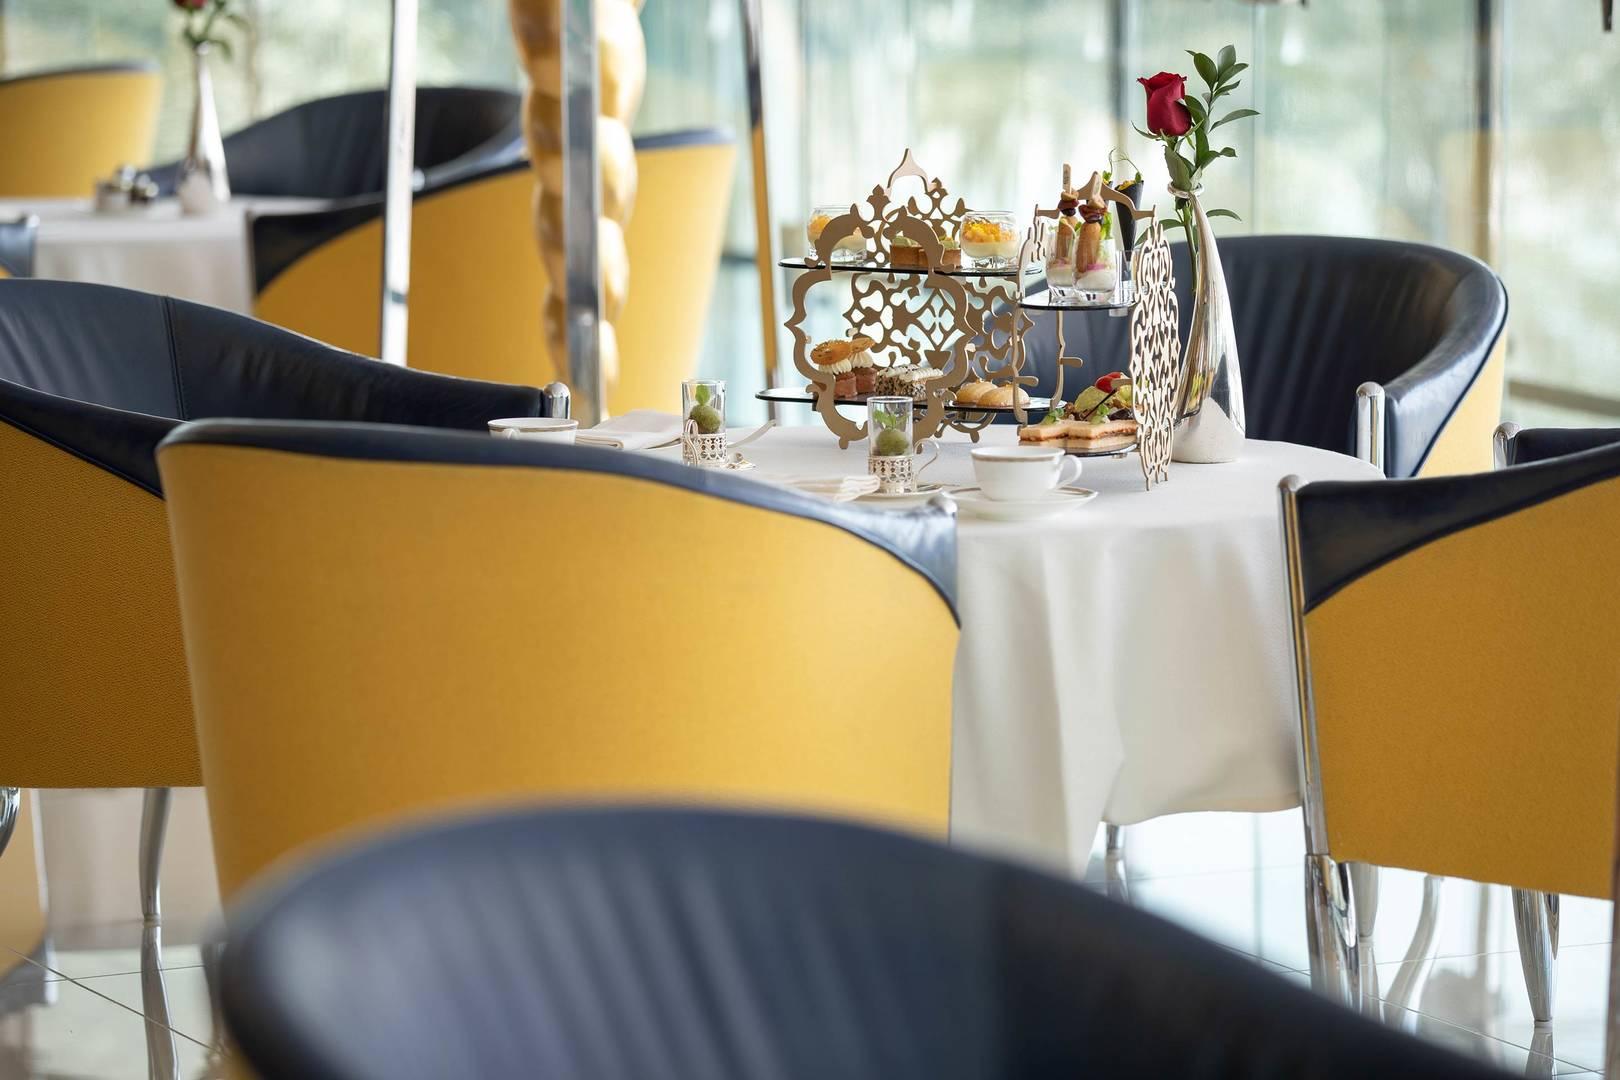 https://cdn.jumeirah.com/-/mediadh/DH/Hospitality/Jumeirah/Restaurants/Dubai/Burj-Al-Arab-Sahn-Eddar/Restaurant-Gallery/Burj-Al-Arab-Sahn-Eddar-Afternoon-Tea-3_6-4.jpg?h=1080&w=1620&hash=710A41C0C0C65B6C6C7E84CE85A397C1